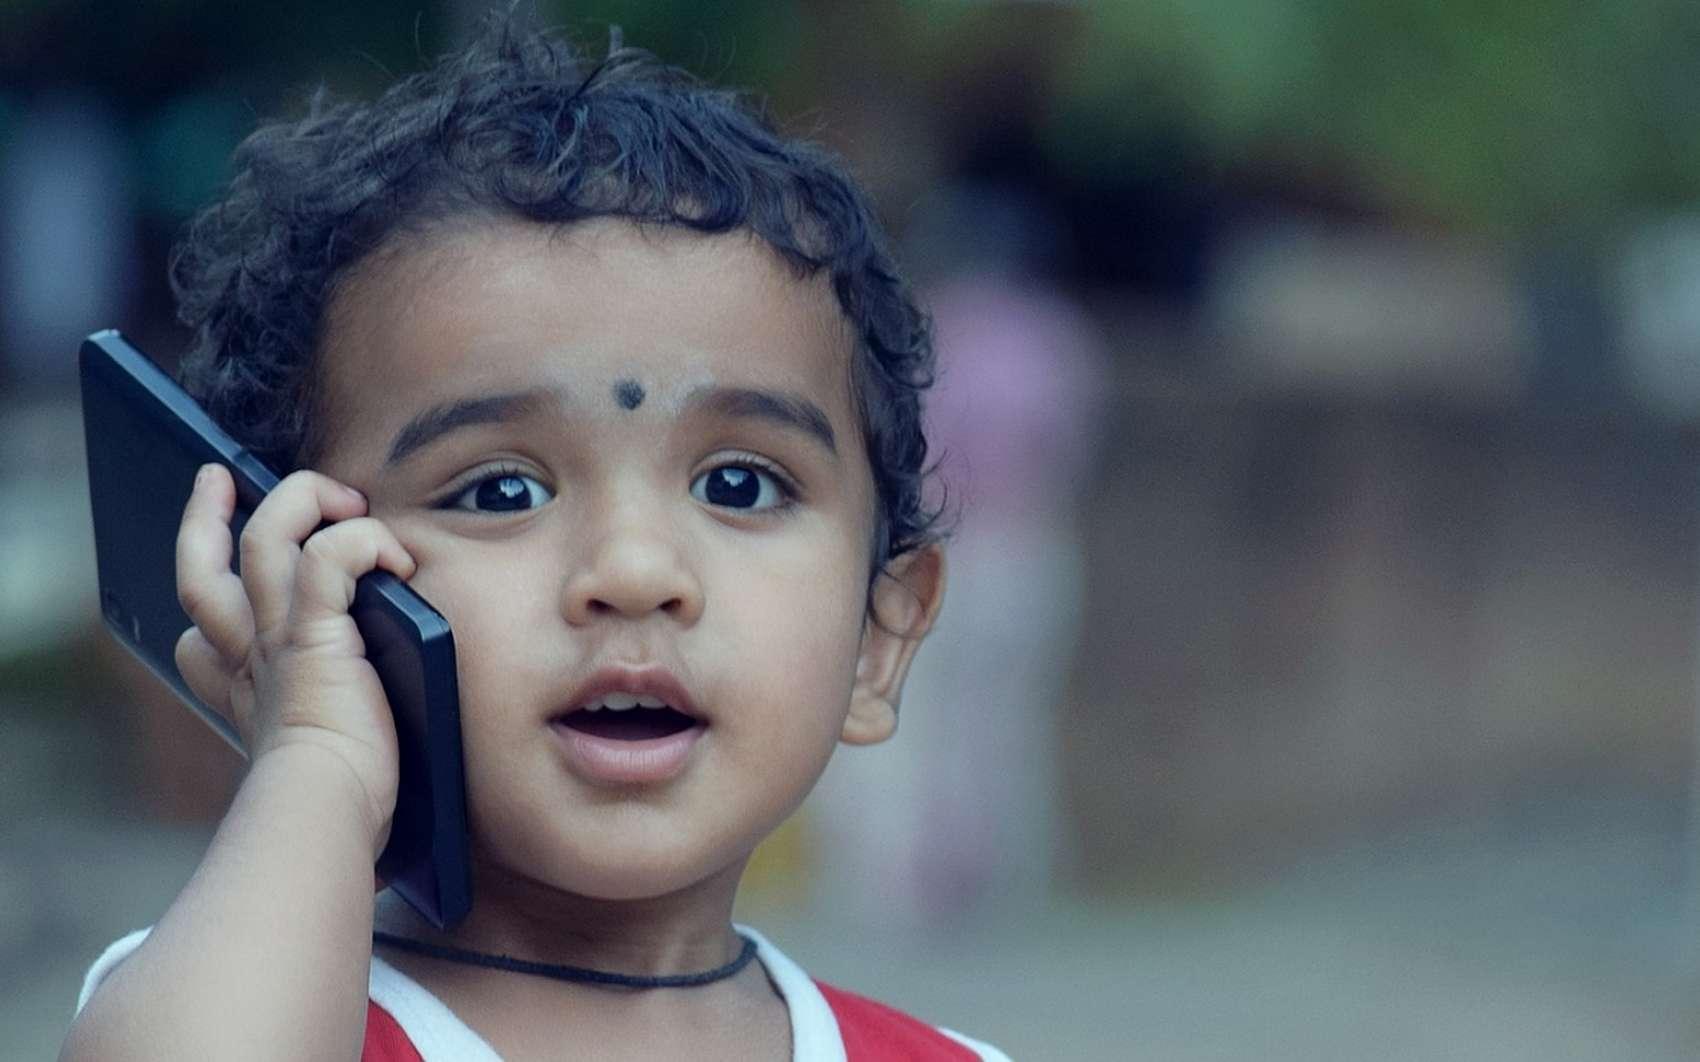 Les plus jeunes enfants doivent être encadrés dans leur utilisation de la technologie, autant en termes de volume horaire que du contenu consulté. © Pixabay.com